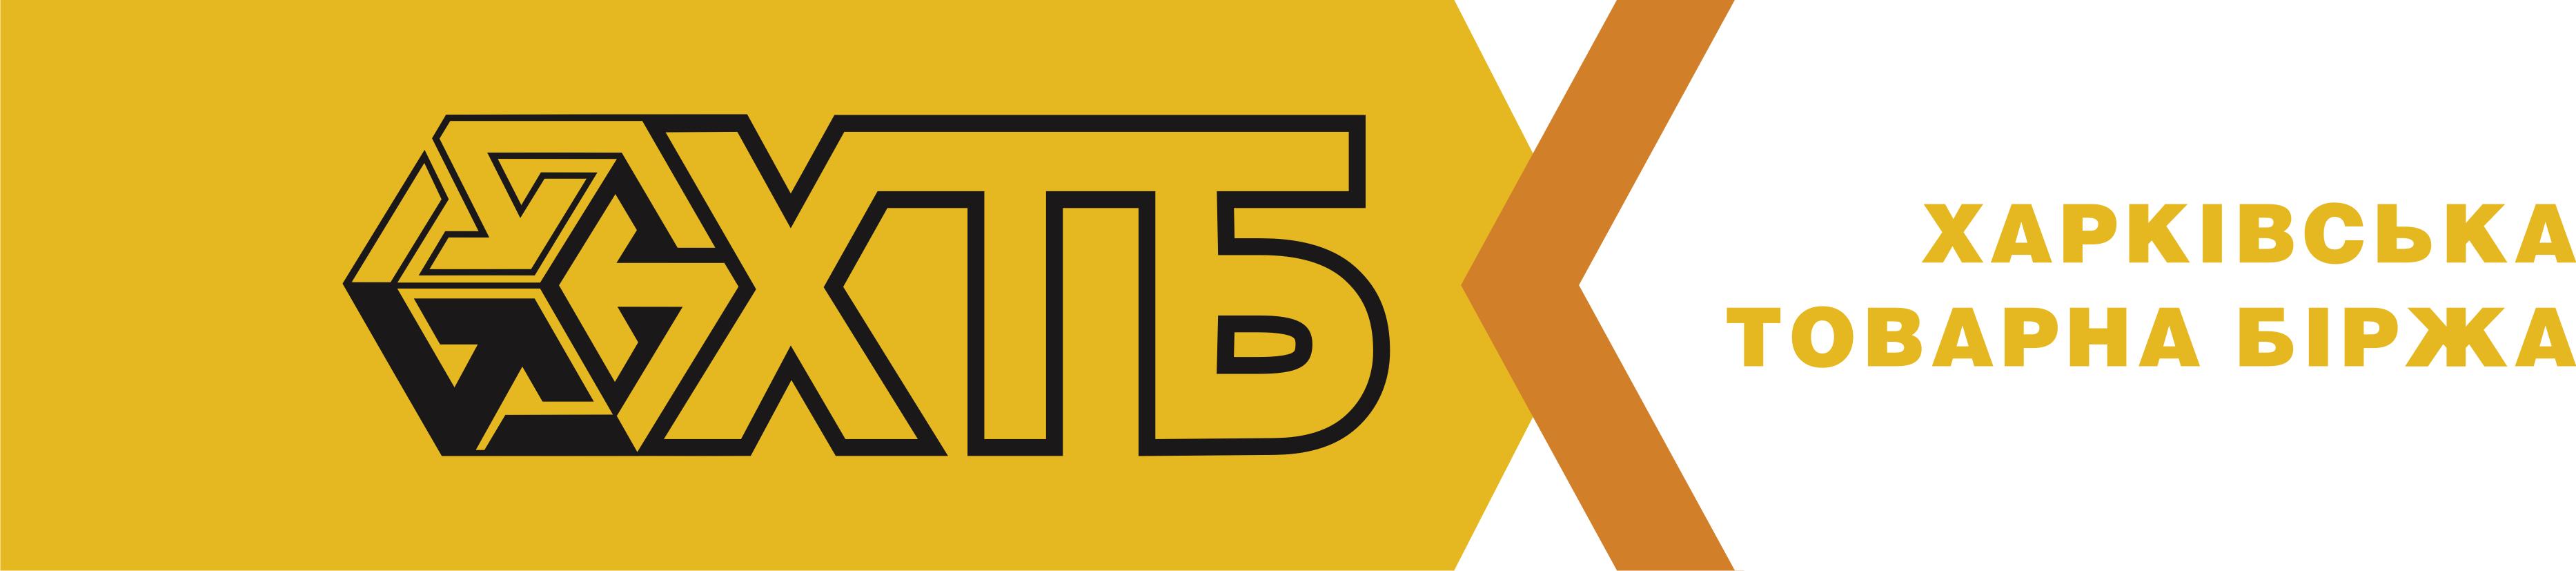 Харьковская товарная биржа